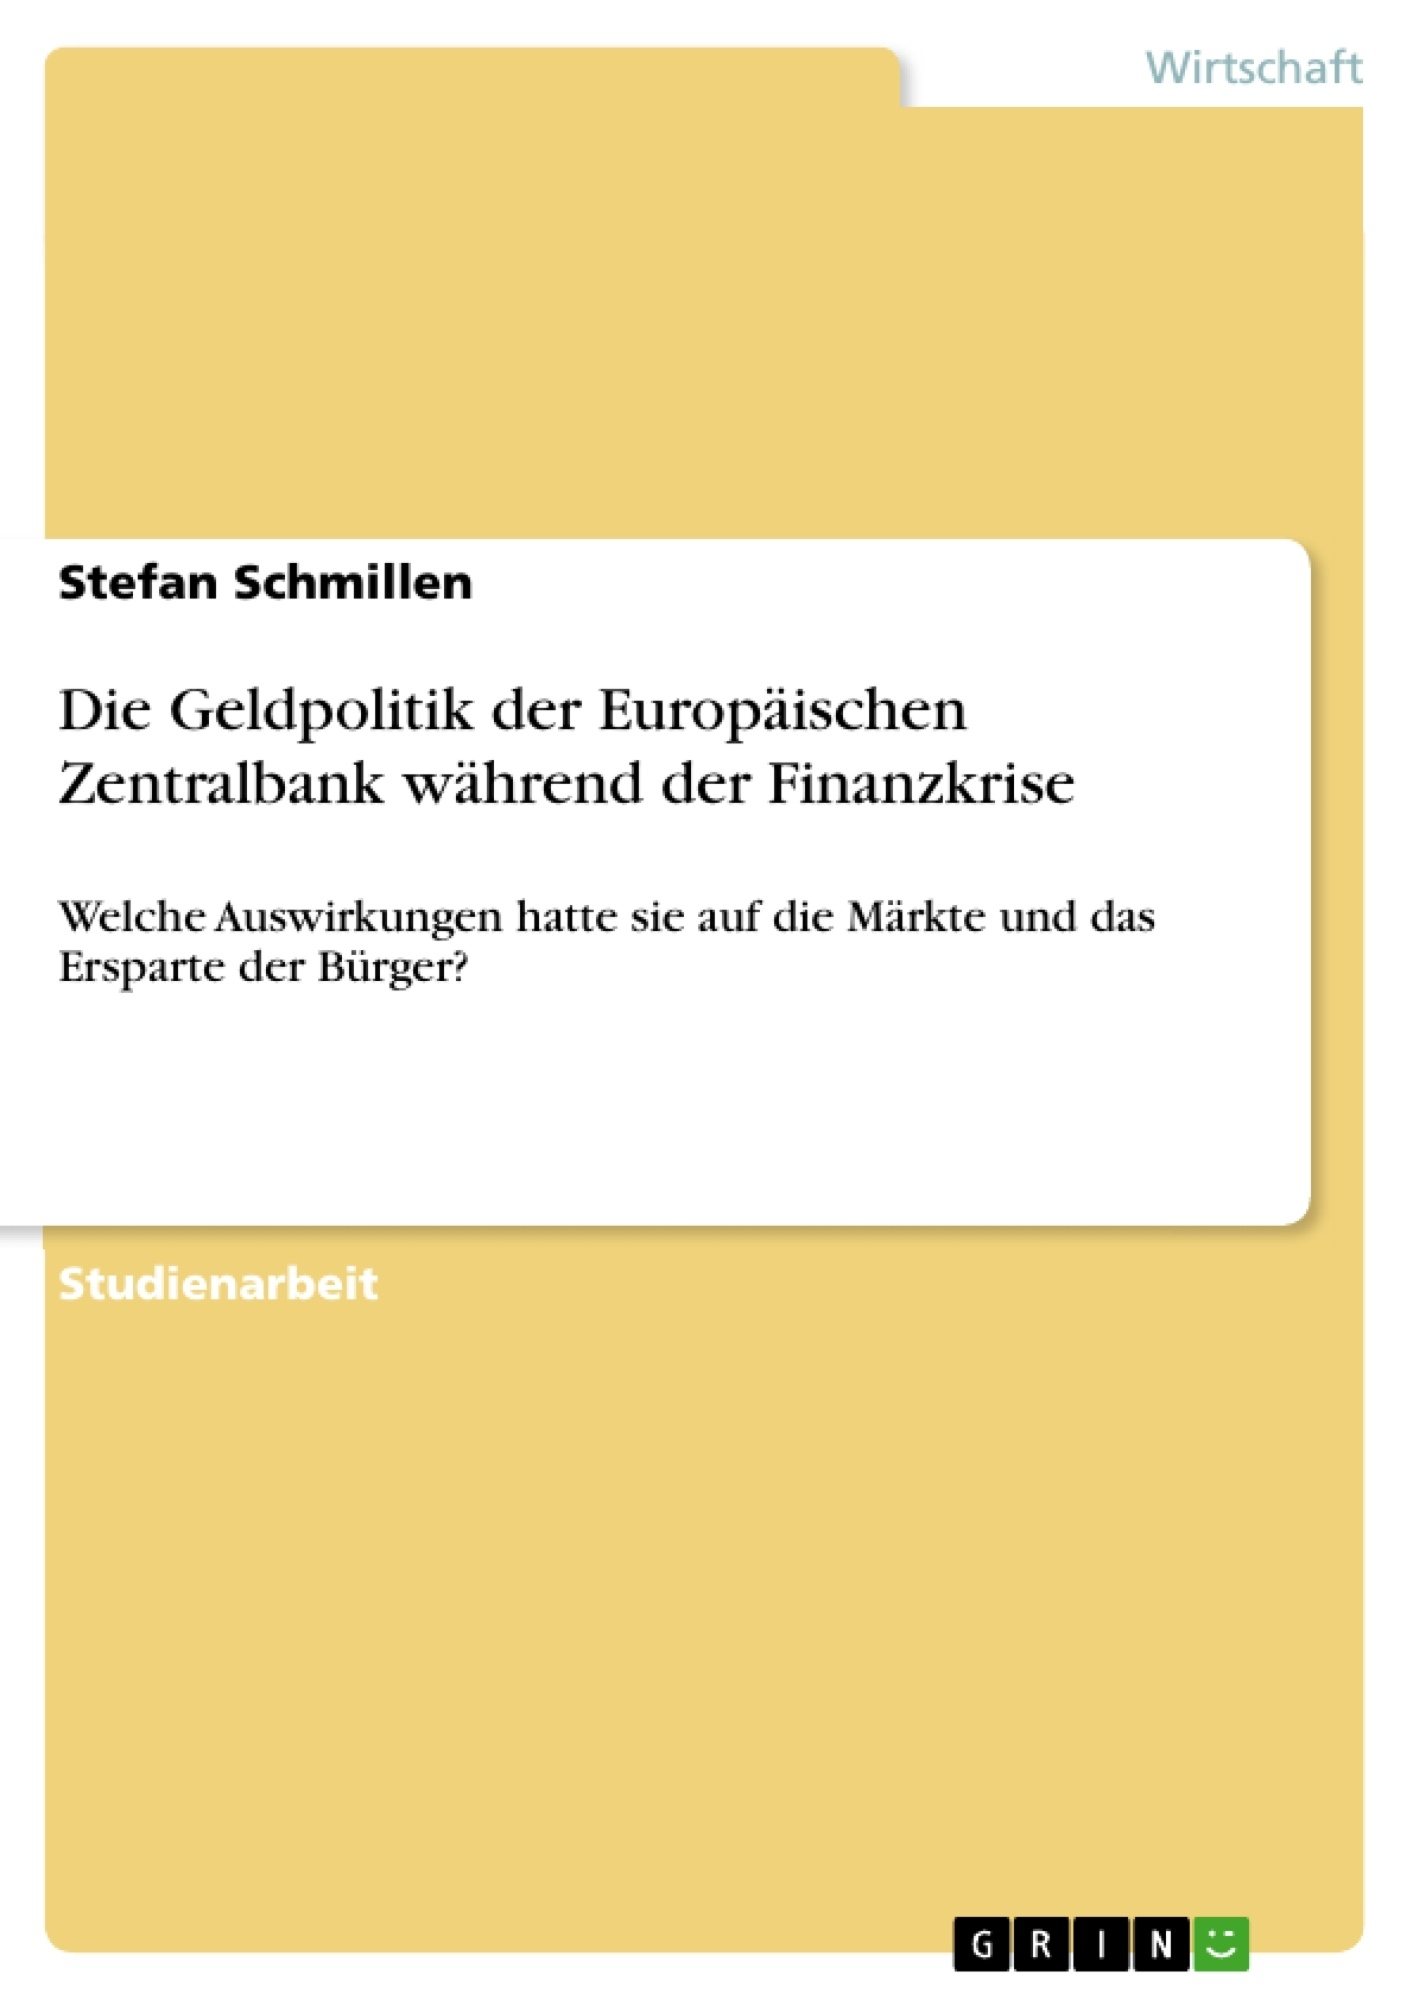 Titel: Die Geldpolitik der Europäischen Zentralbank während der Finanzkrise